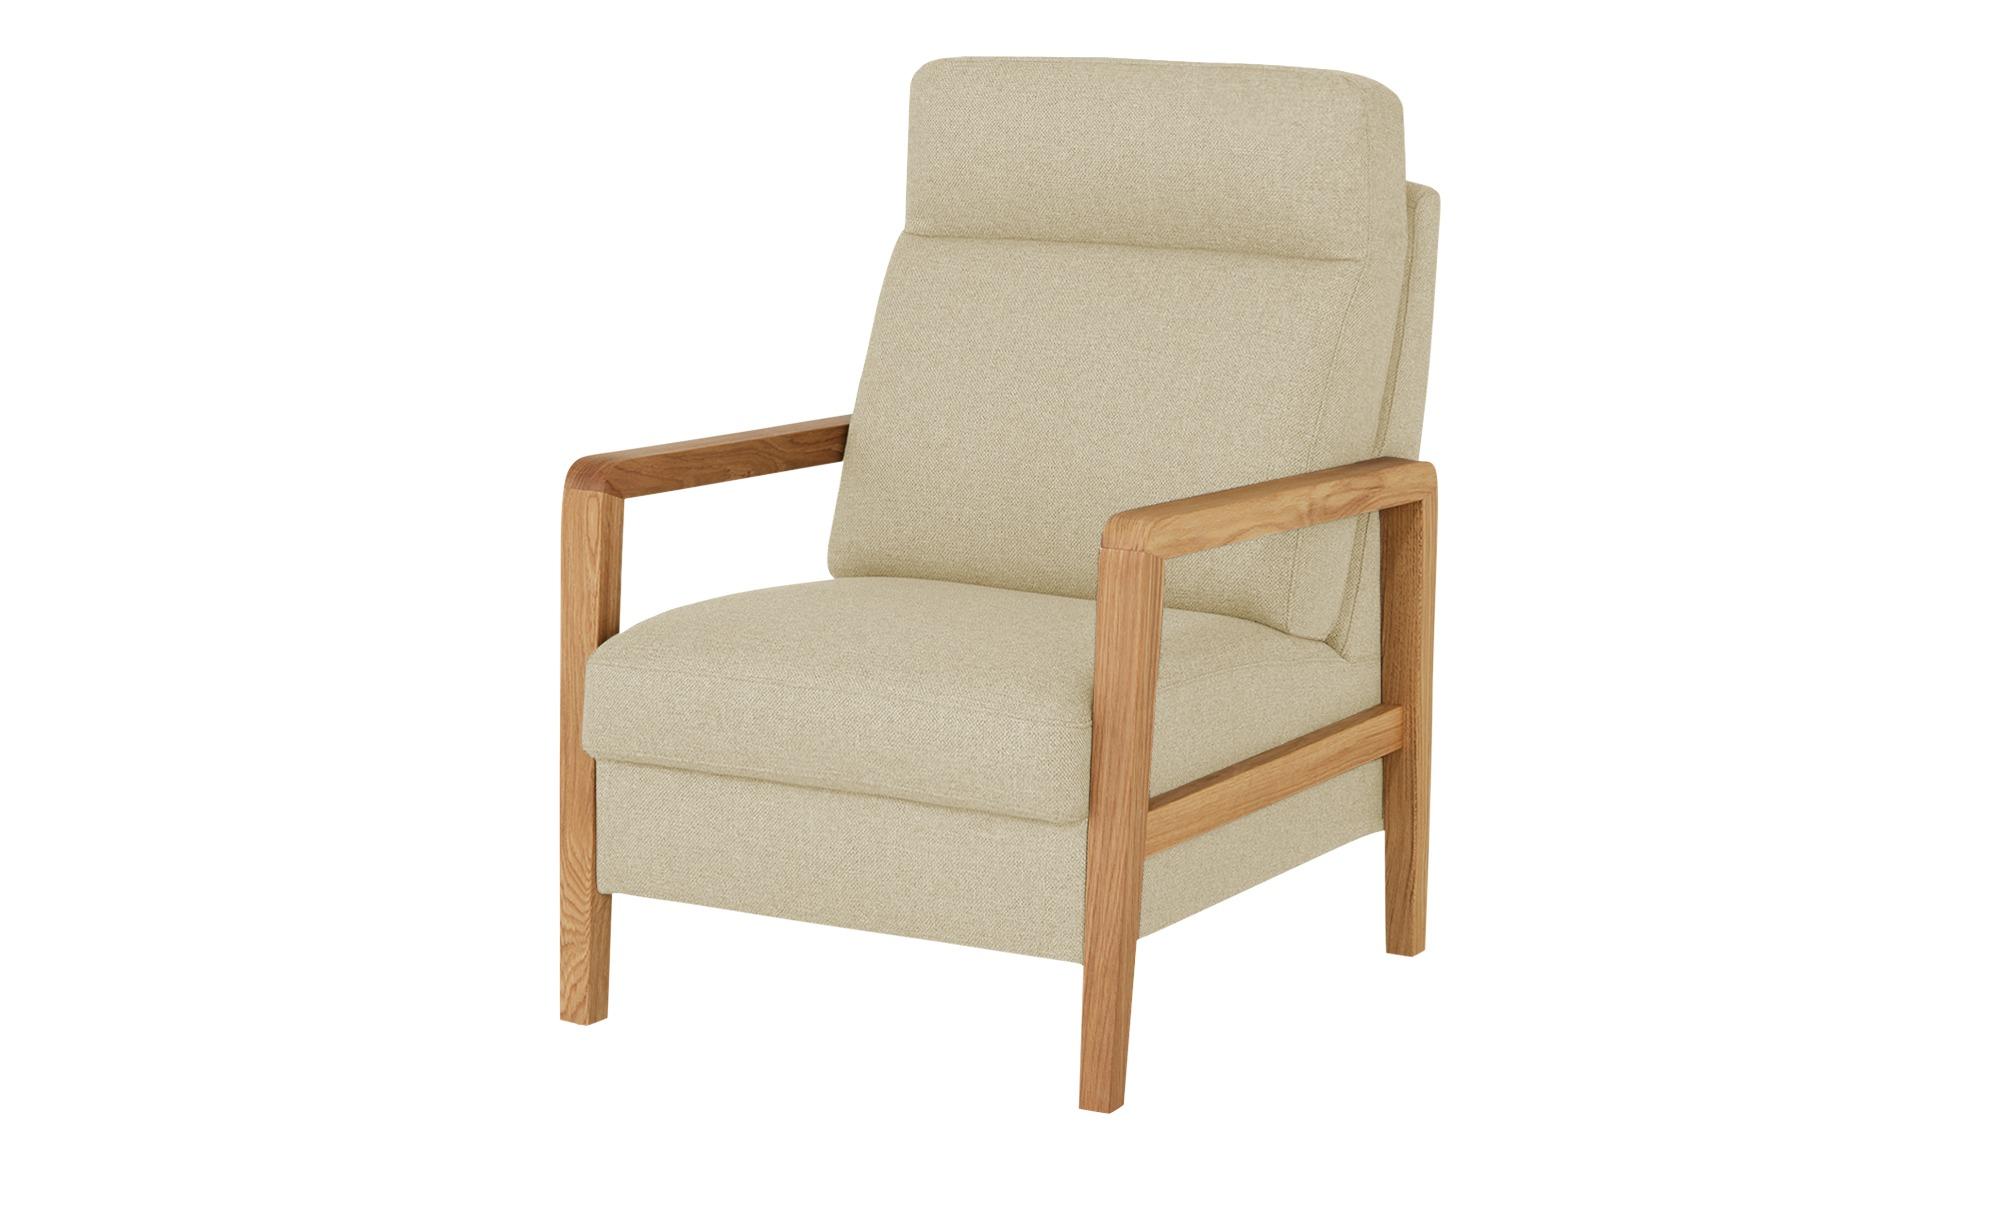 Wohnwert Sessel  Petra ¦ beige ¦ Maße (cm): B: 71 H: 103 T: 89 Polstermöbel > Sessel > Polstersessel - Höffner